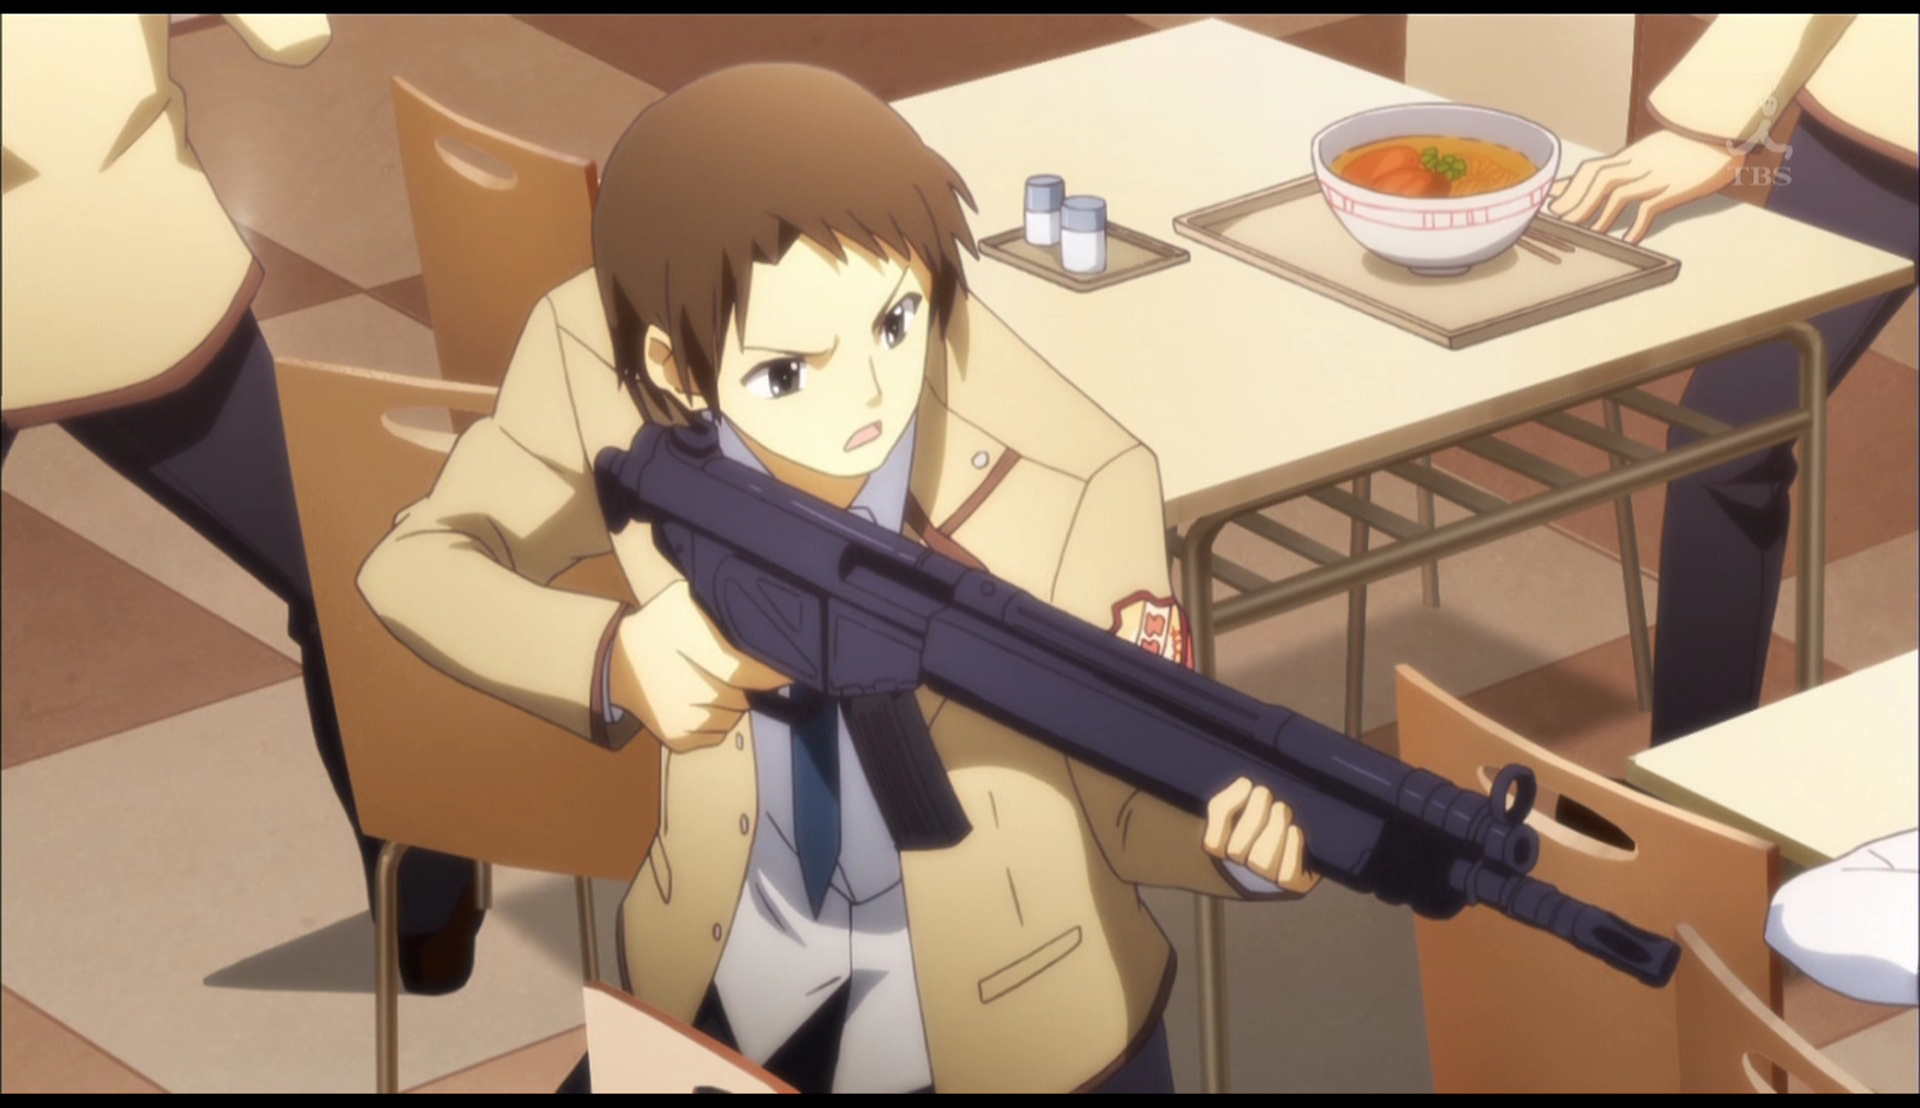 「アメリカ 銃 アニメ」の画像検索結果